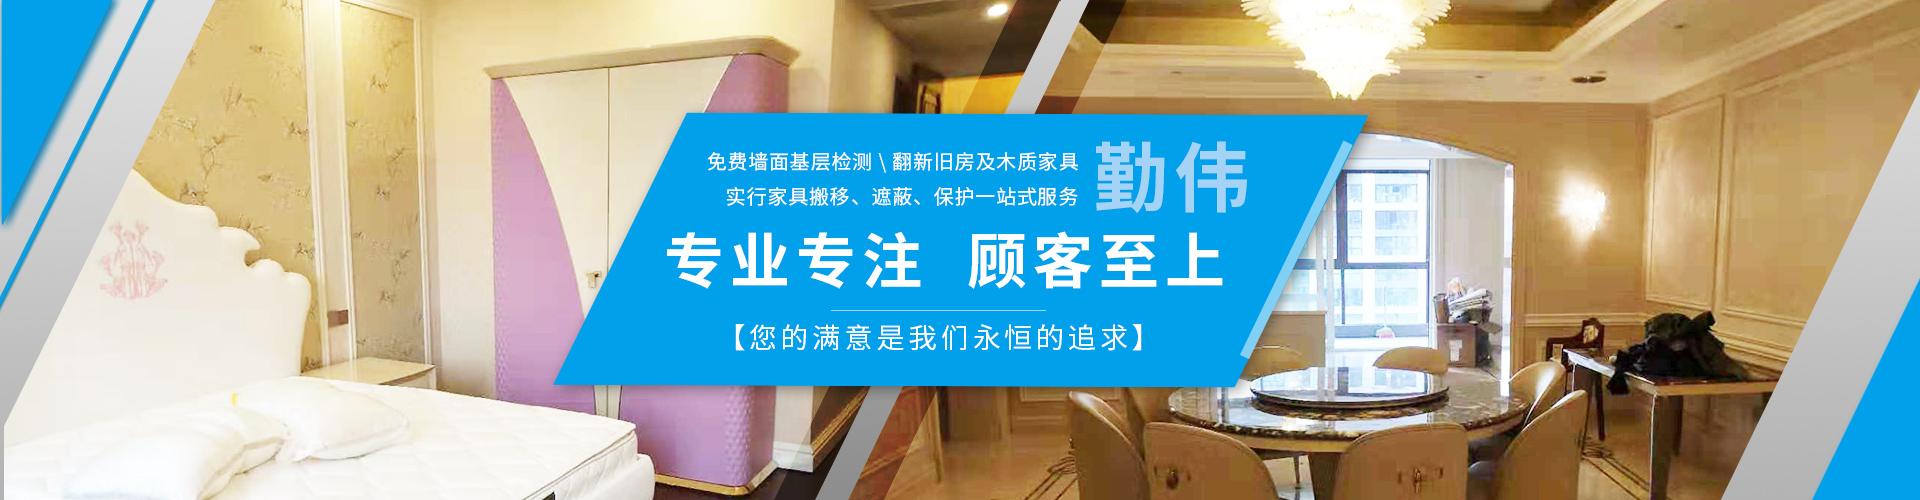 上海勤偉保潔服務有限公司